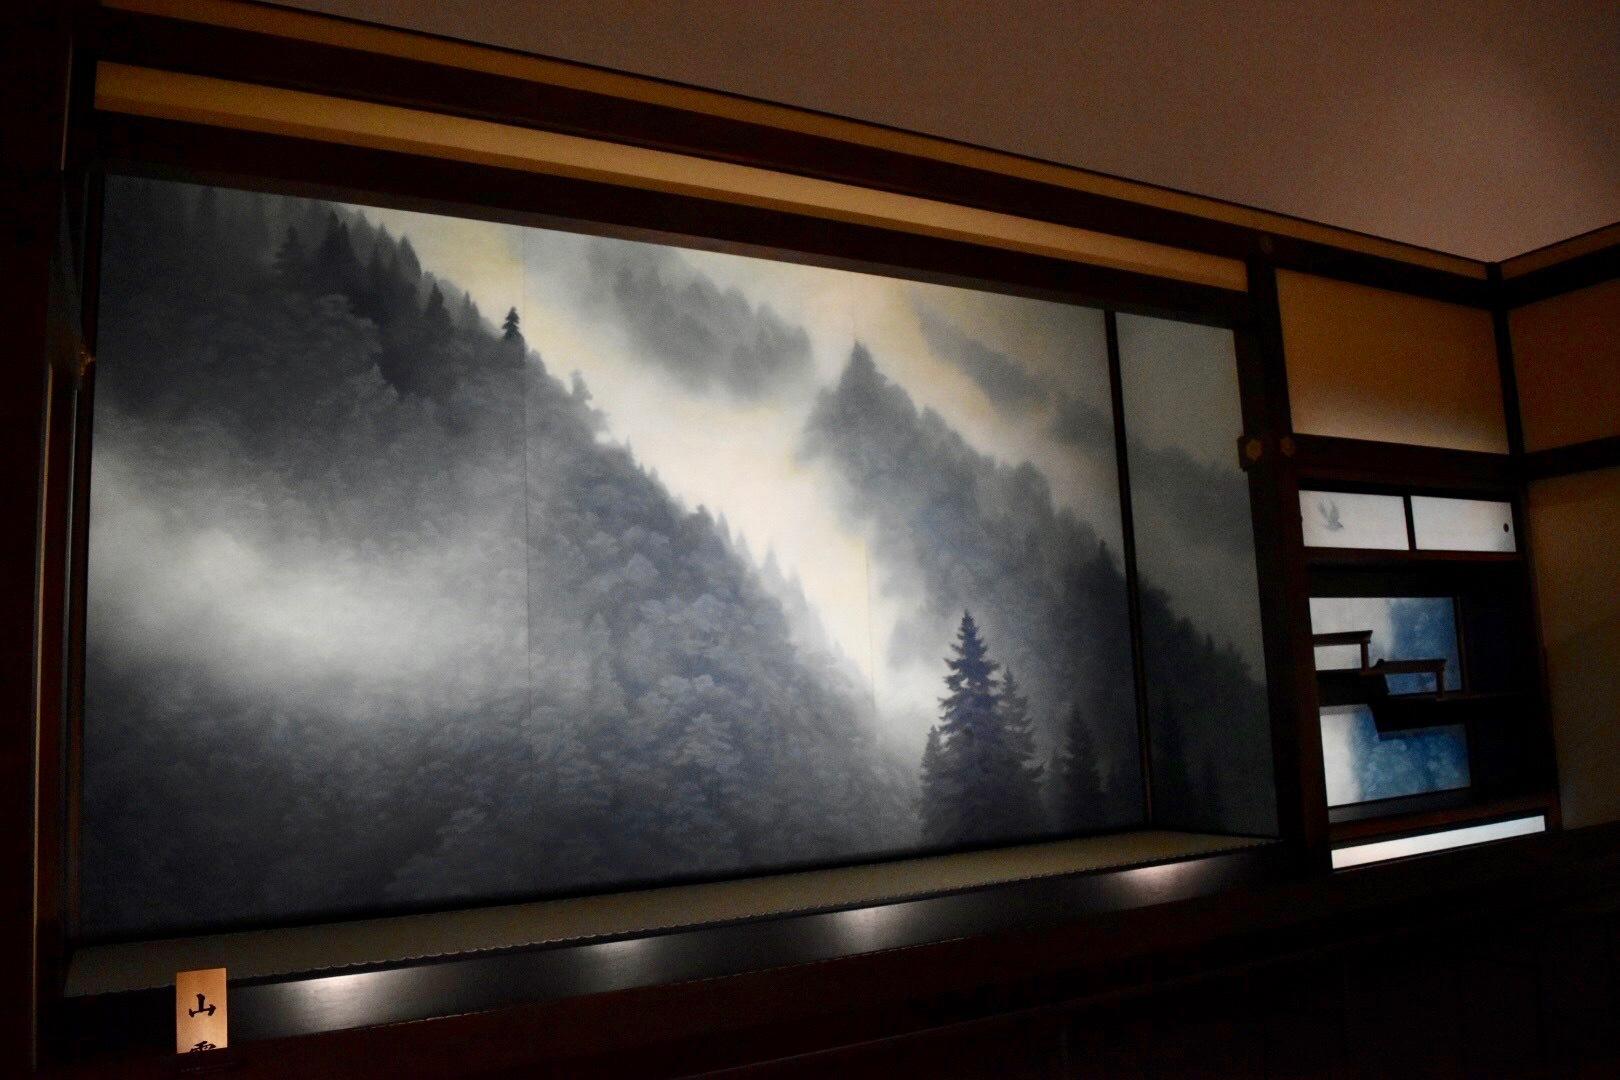 《唐招提寺御影堂障壁画 山雲》(部分) 昭和50年 唐招提寺蔵